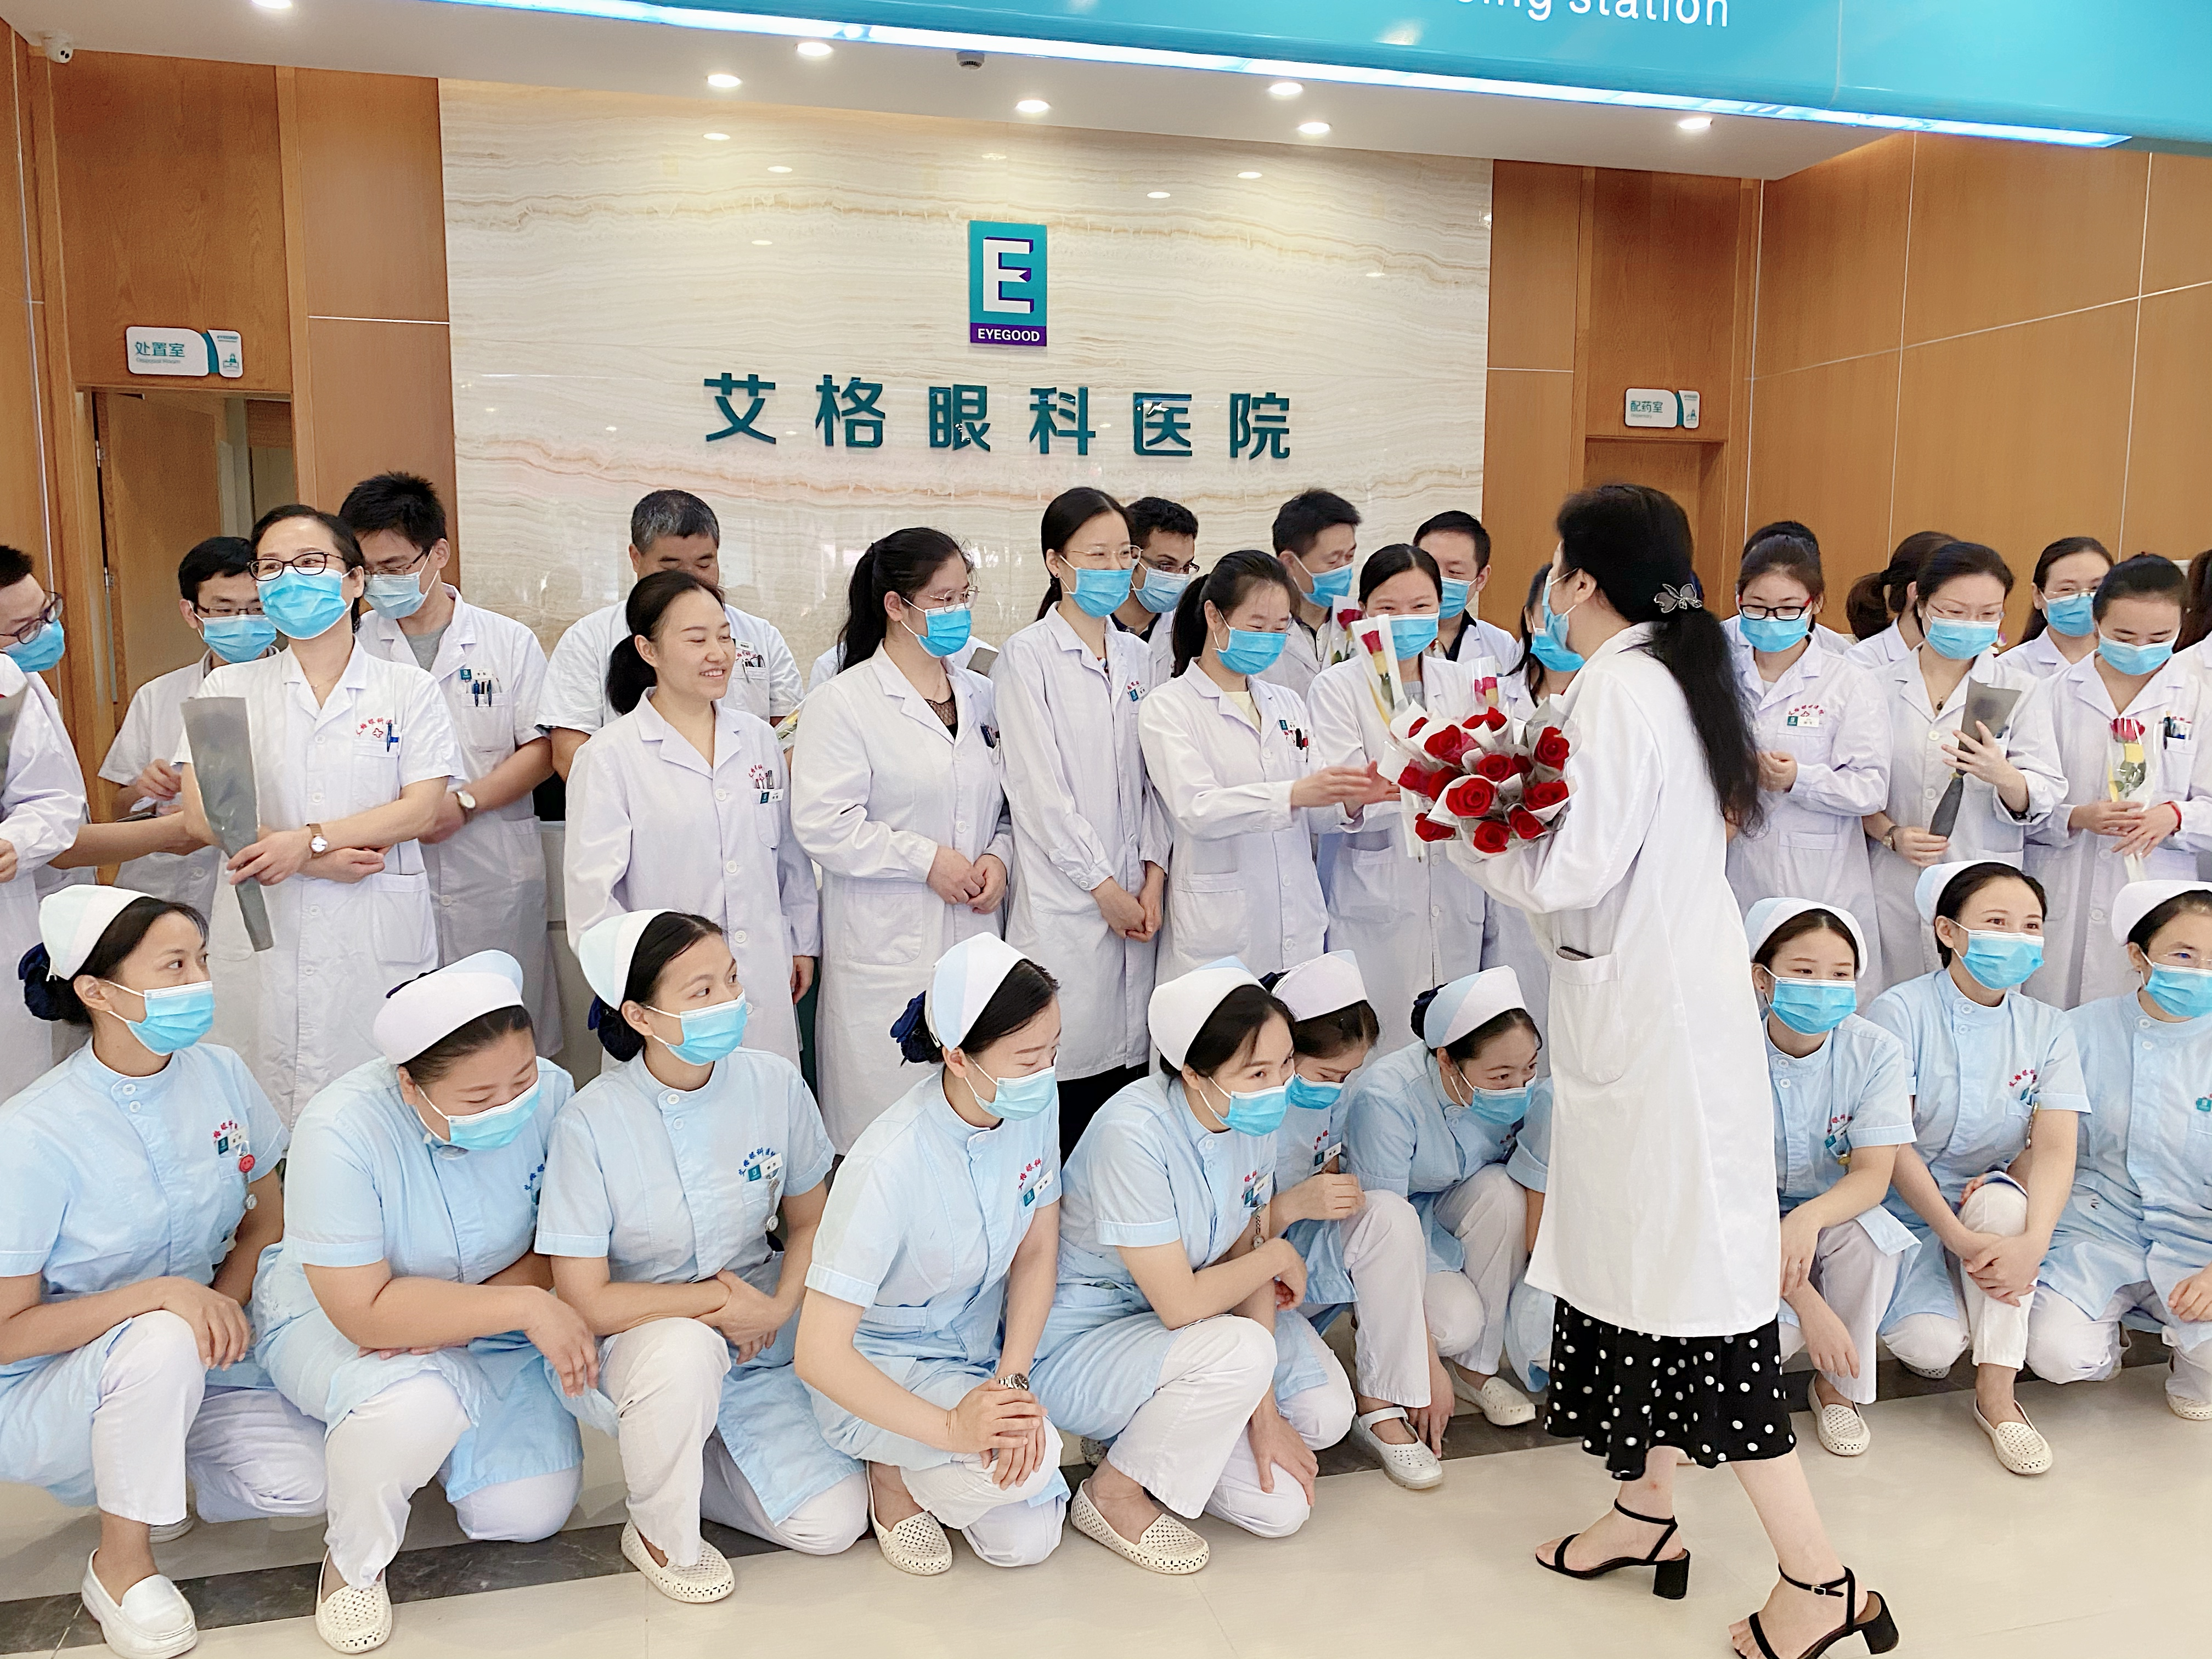 武汉艾格眼科医院医师节活动:这是一群特别的眼科医生,你见过吗?